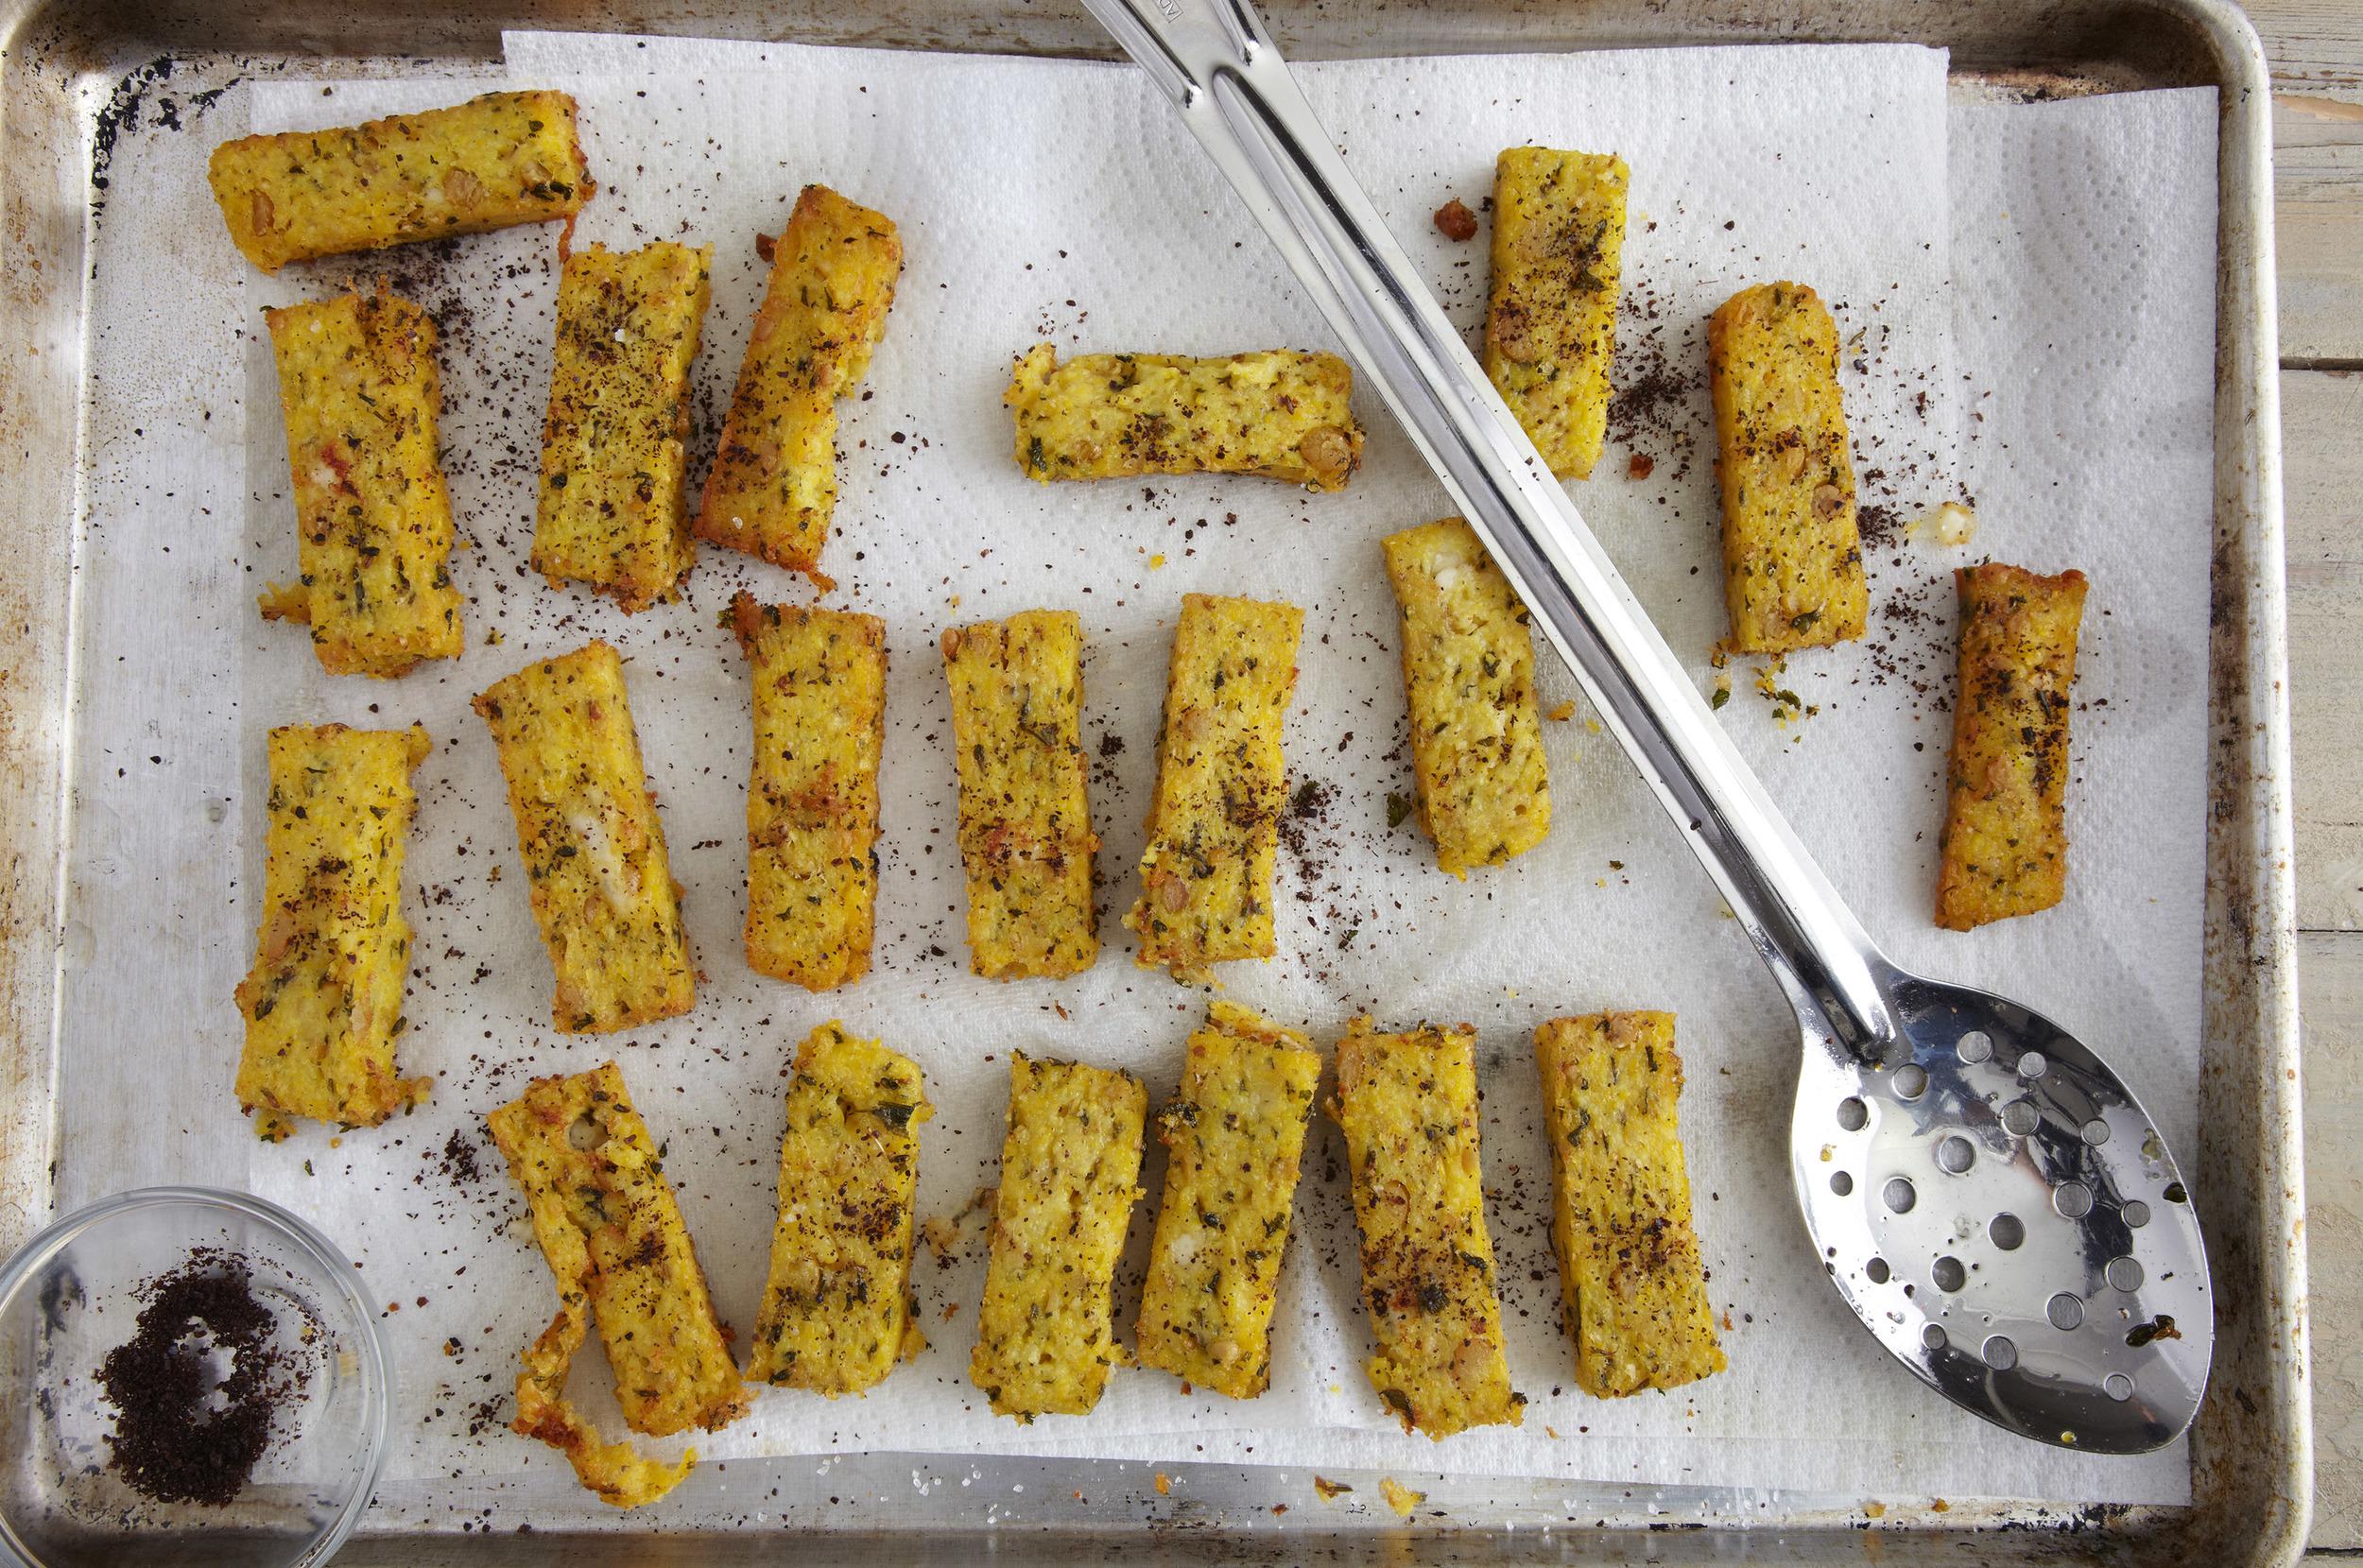 Chickpea Polenta Frites with Sumac and Feta